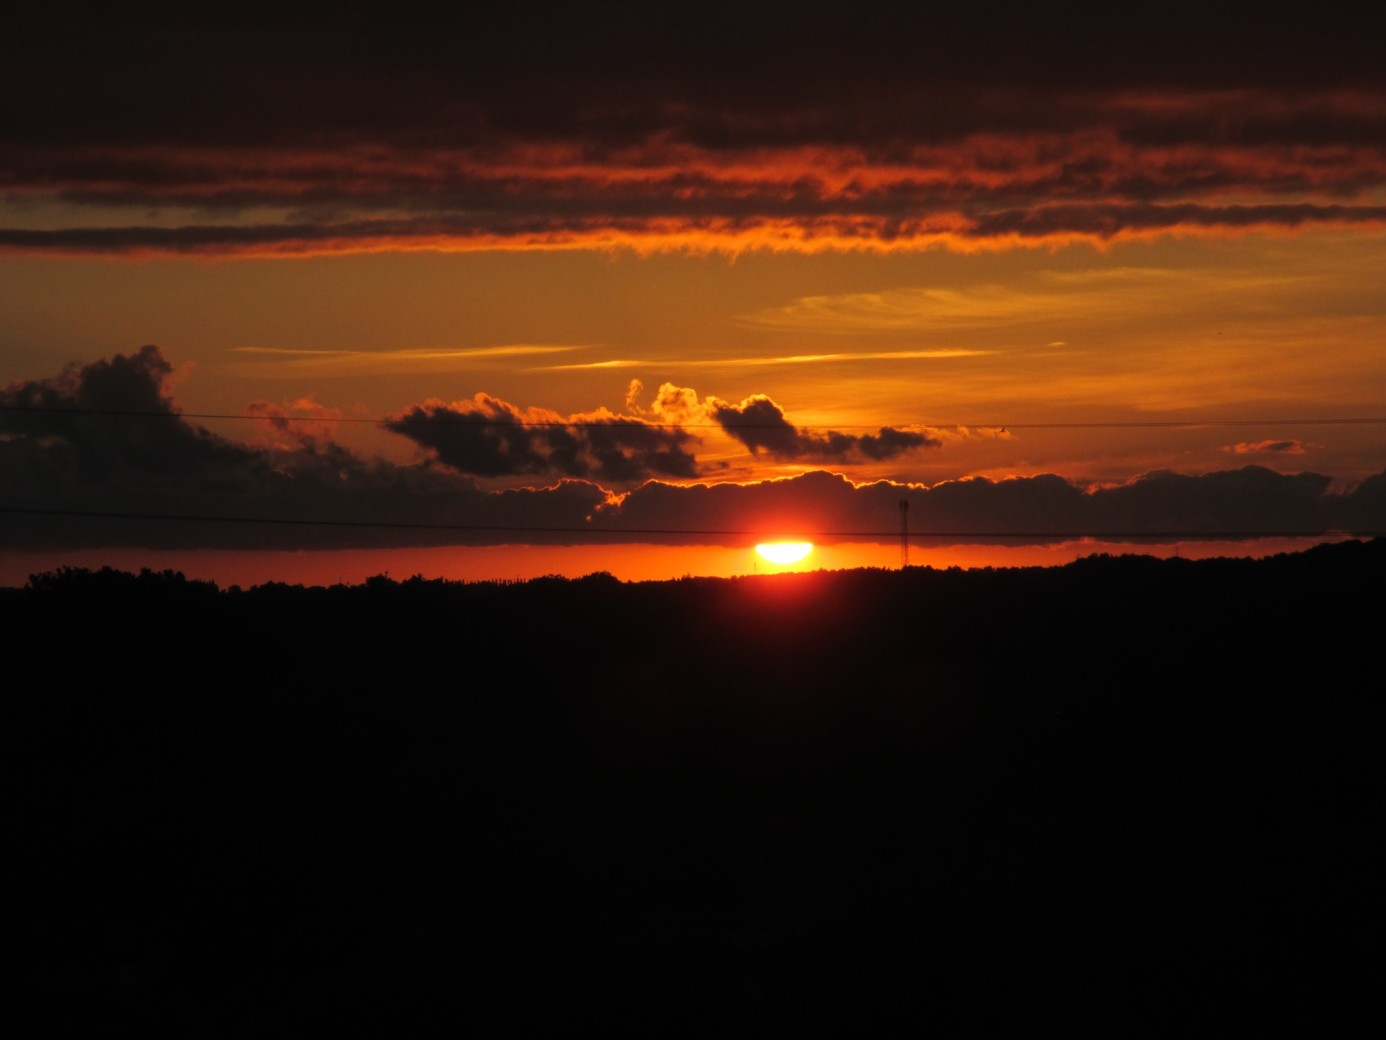 solnedgangbent_rasmussenvallensbaek_strand.jpg